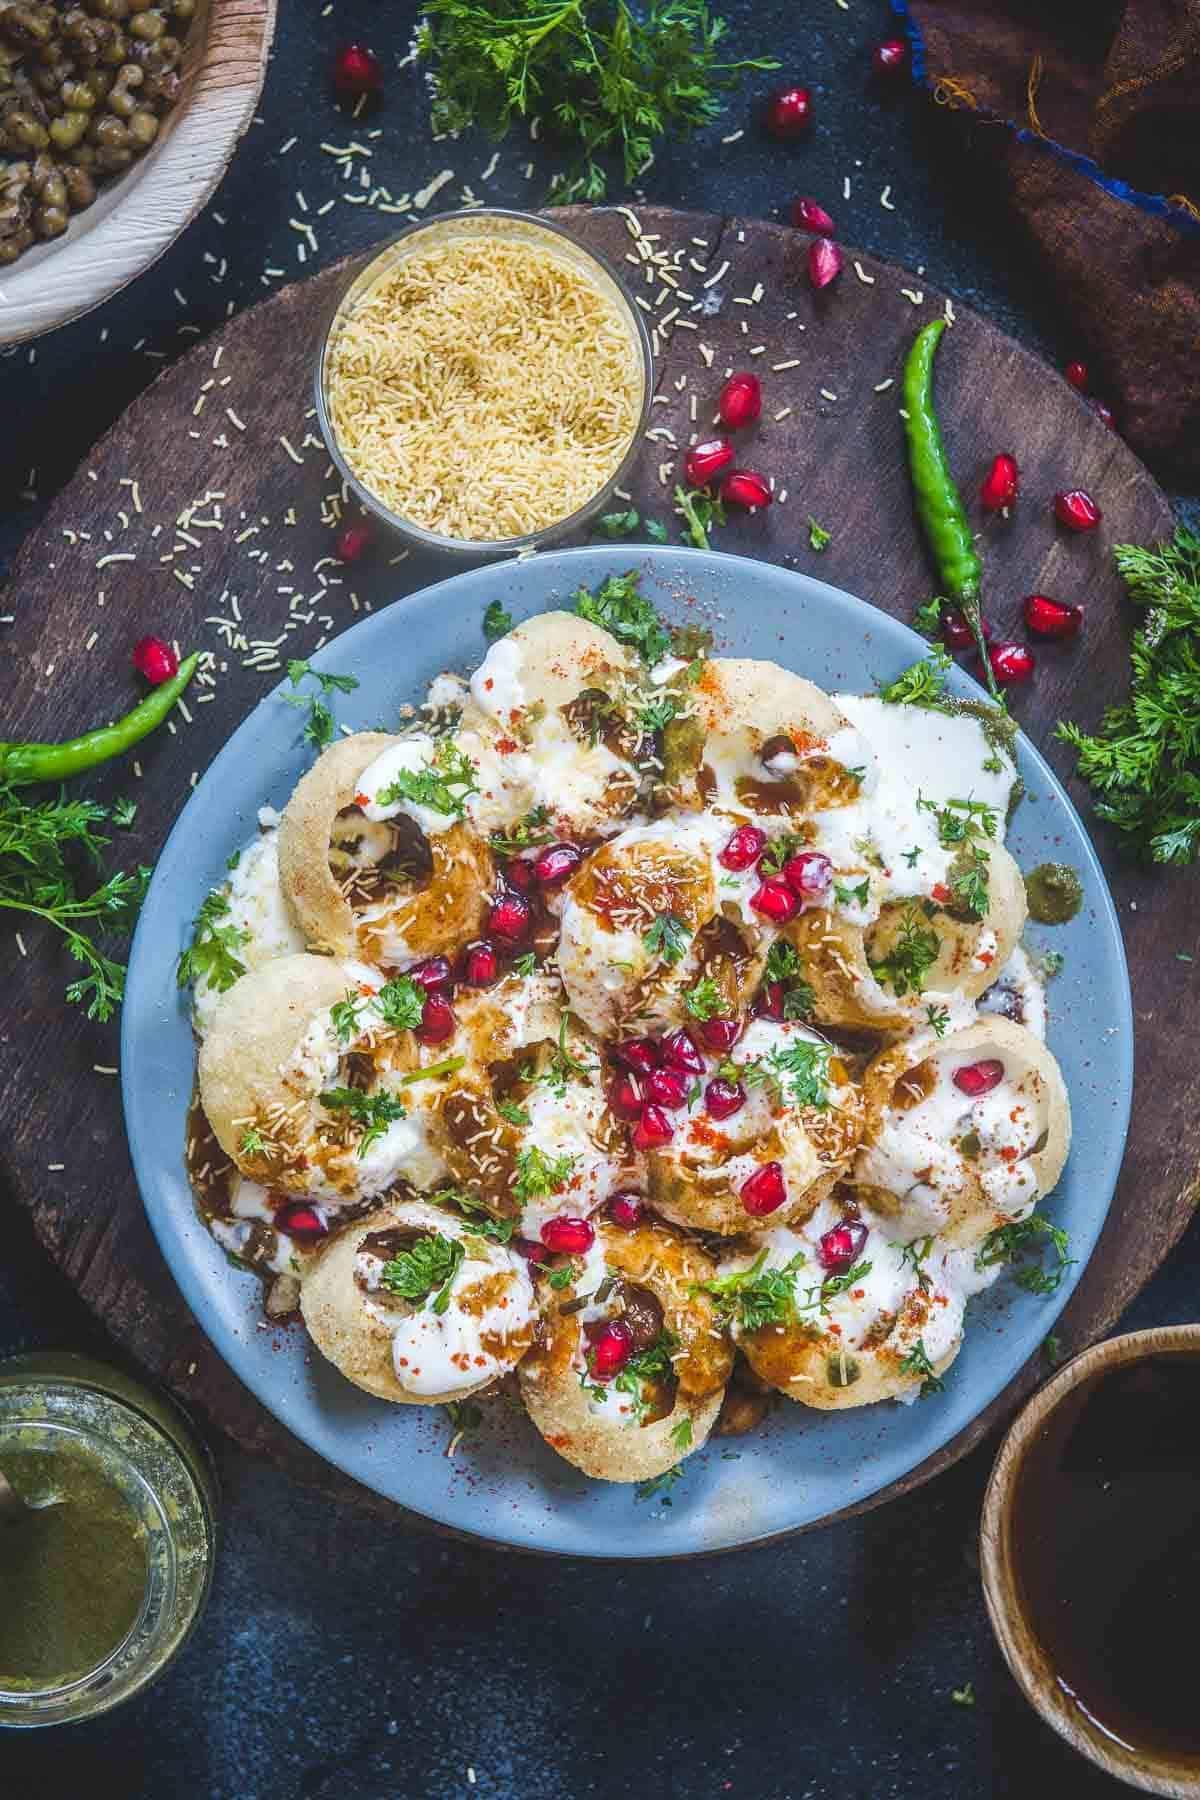 Dahi Puri served on a plate.